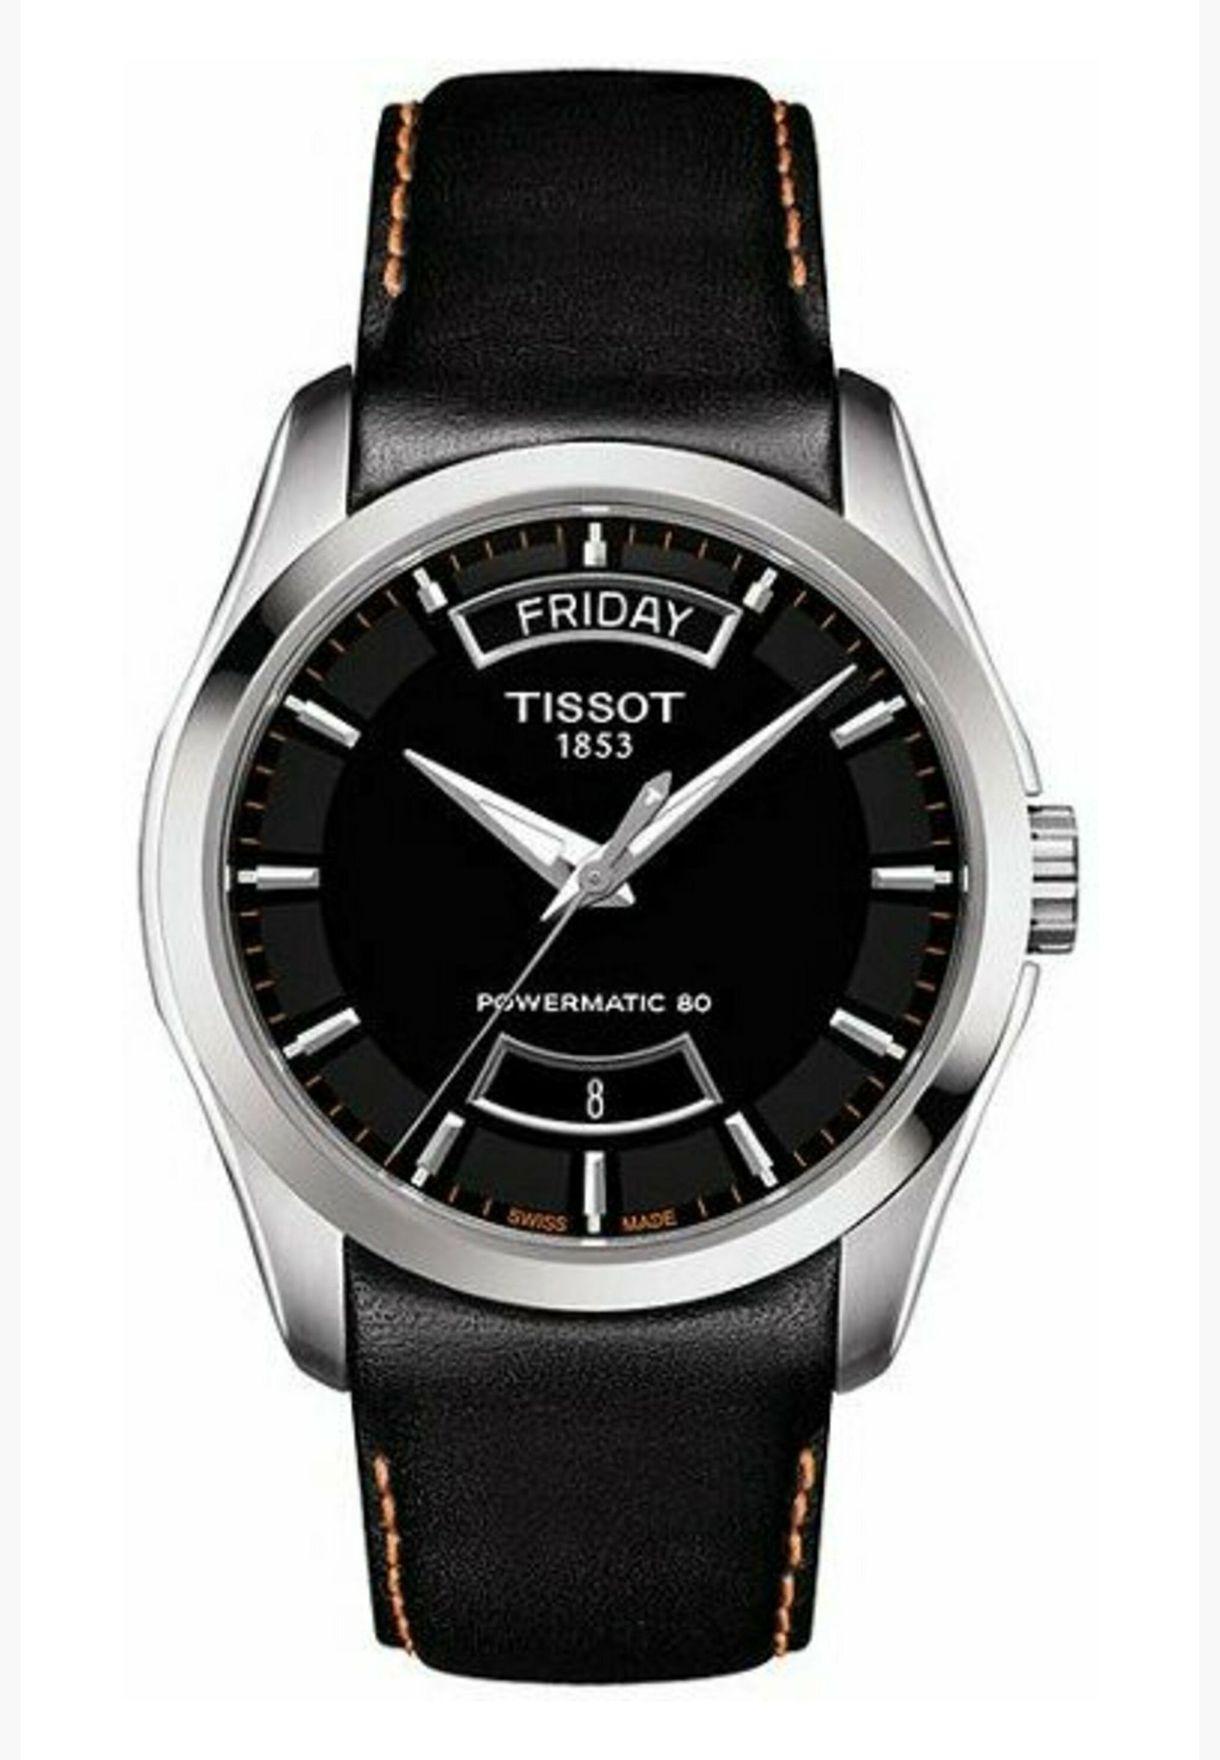 ساعة تيسو كوتورييه أوتوماتيكية بسوار جلدي - T035.407.16.051.03